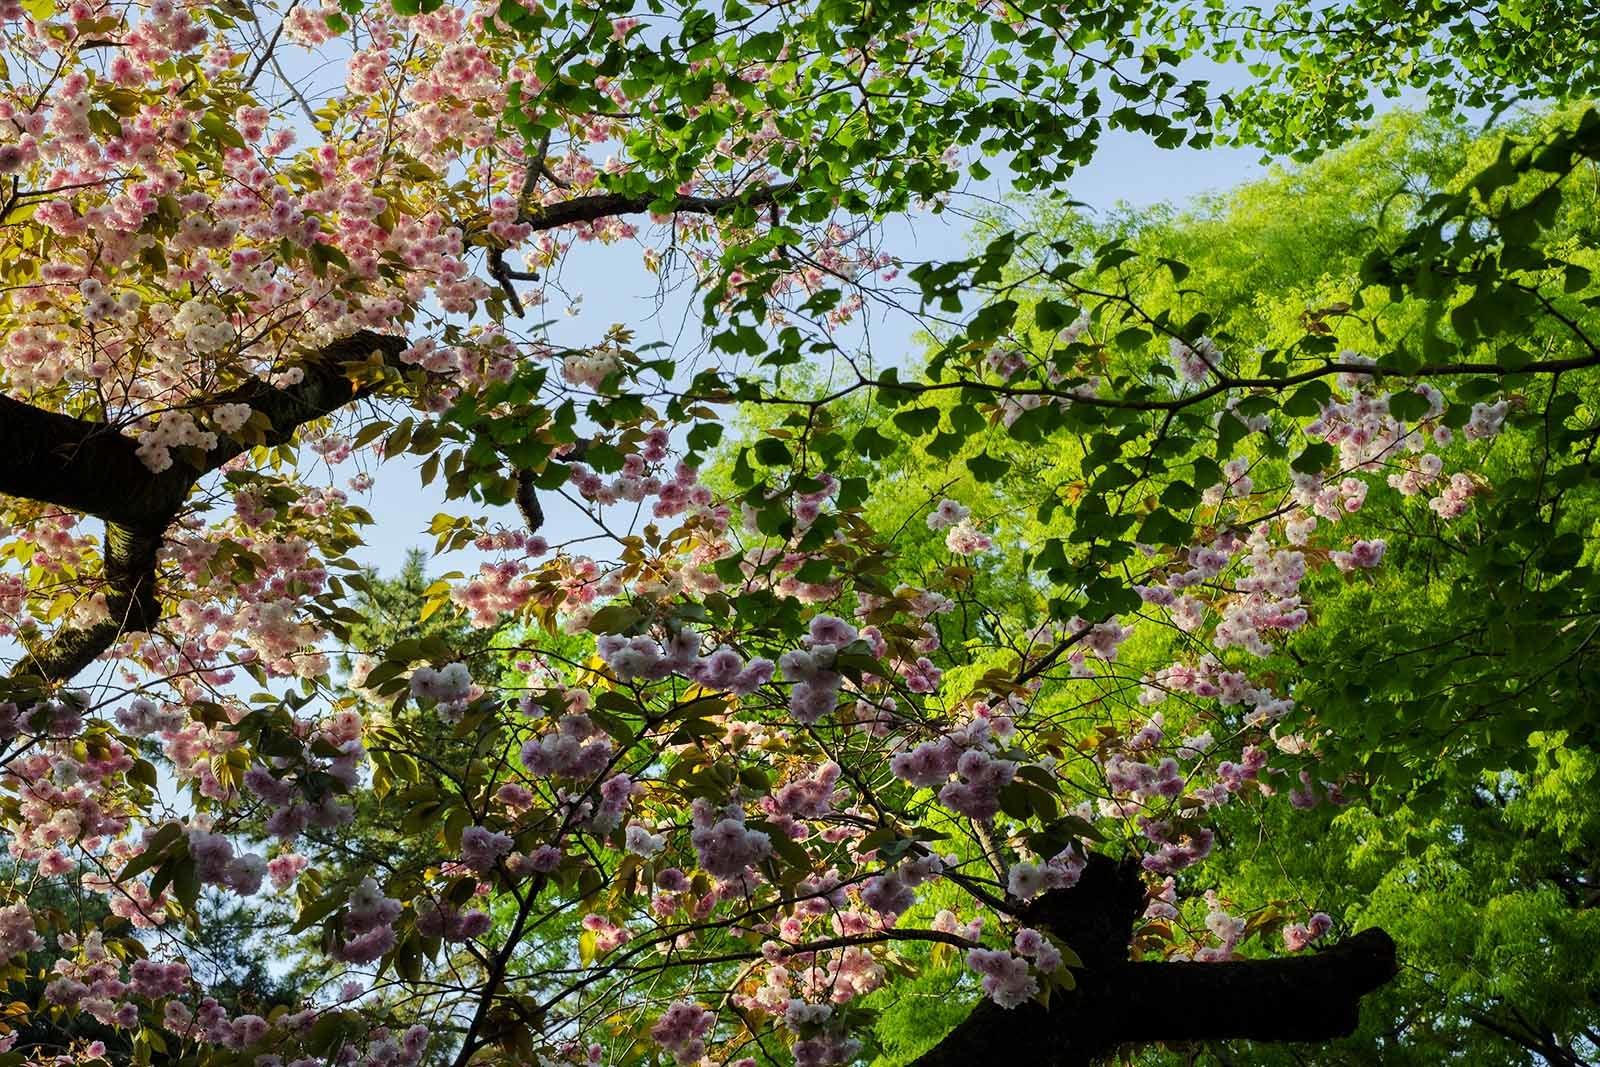 180413一橋大学キャンパスの八重桜(4)_e0367501_13501300.jpg